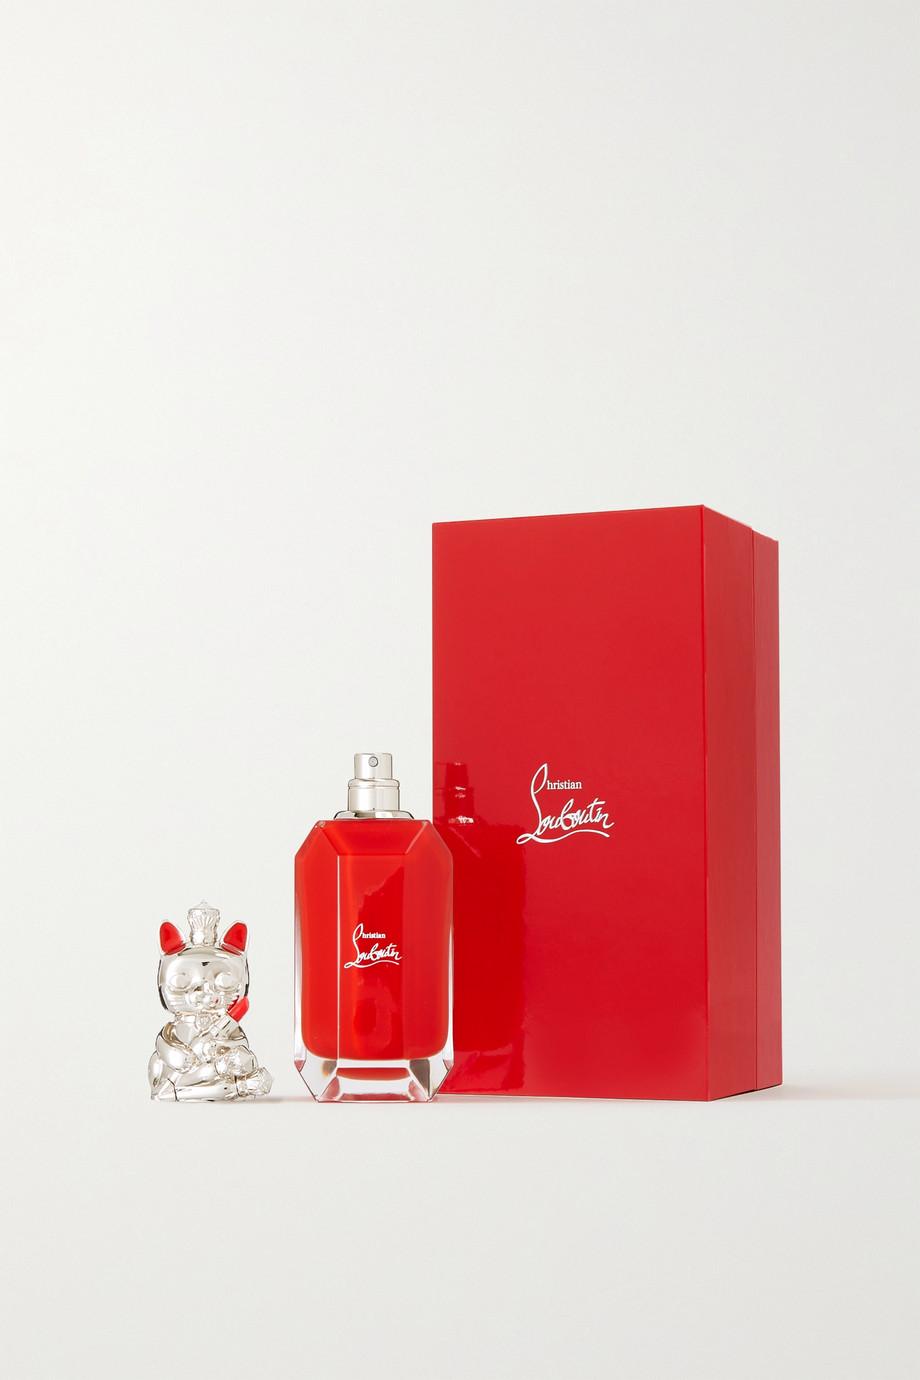 Christian Louboutin Beauty Loubidoo, 90 ml – Eau de Parfum